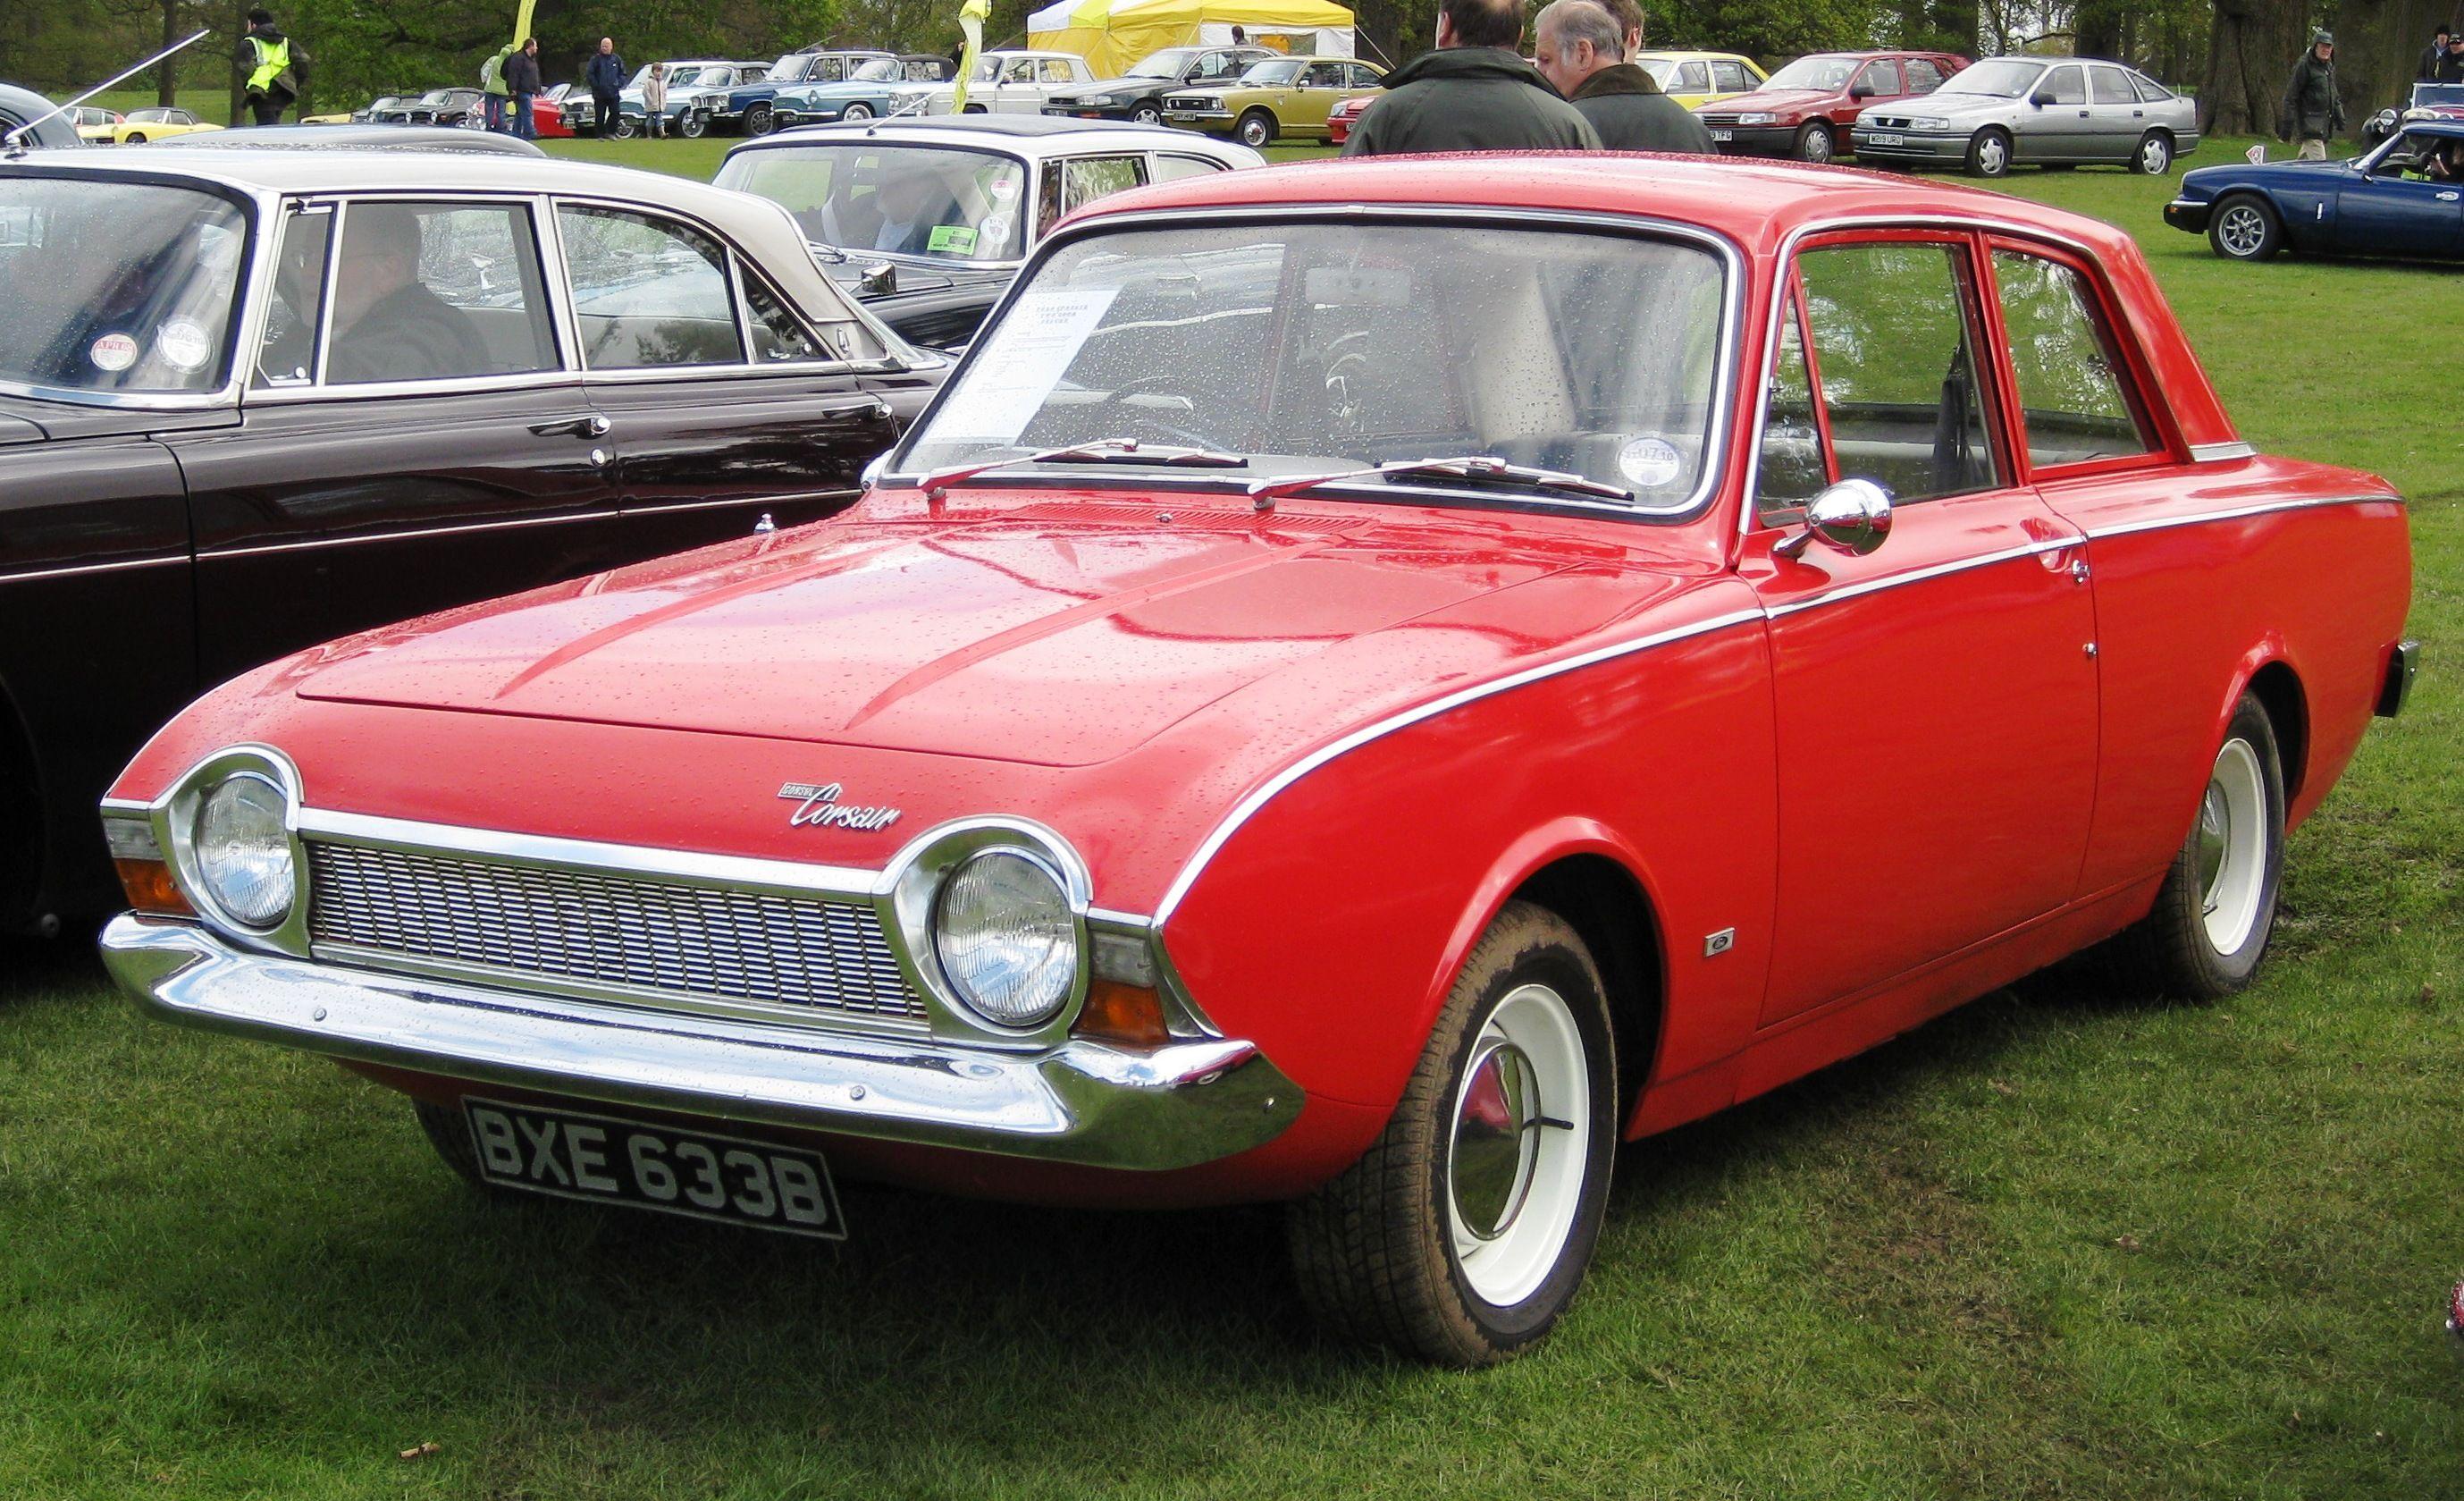 ford corsair & ford corsair | Cars - English Ford Corsair | Pinterest | Ford ... markmcfarlin.com